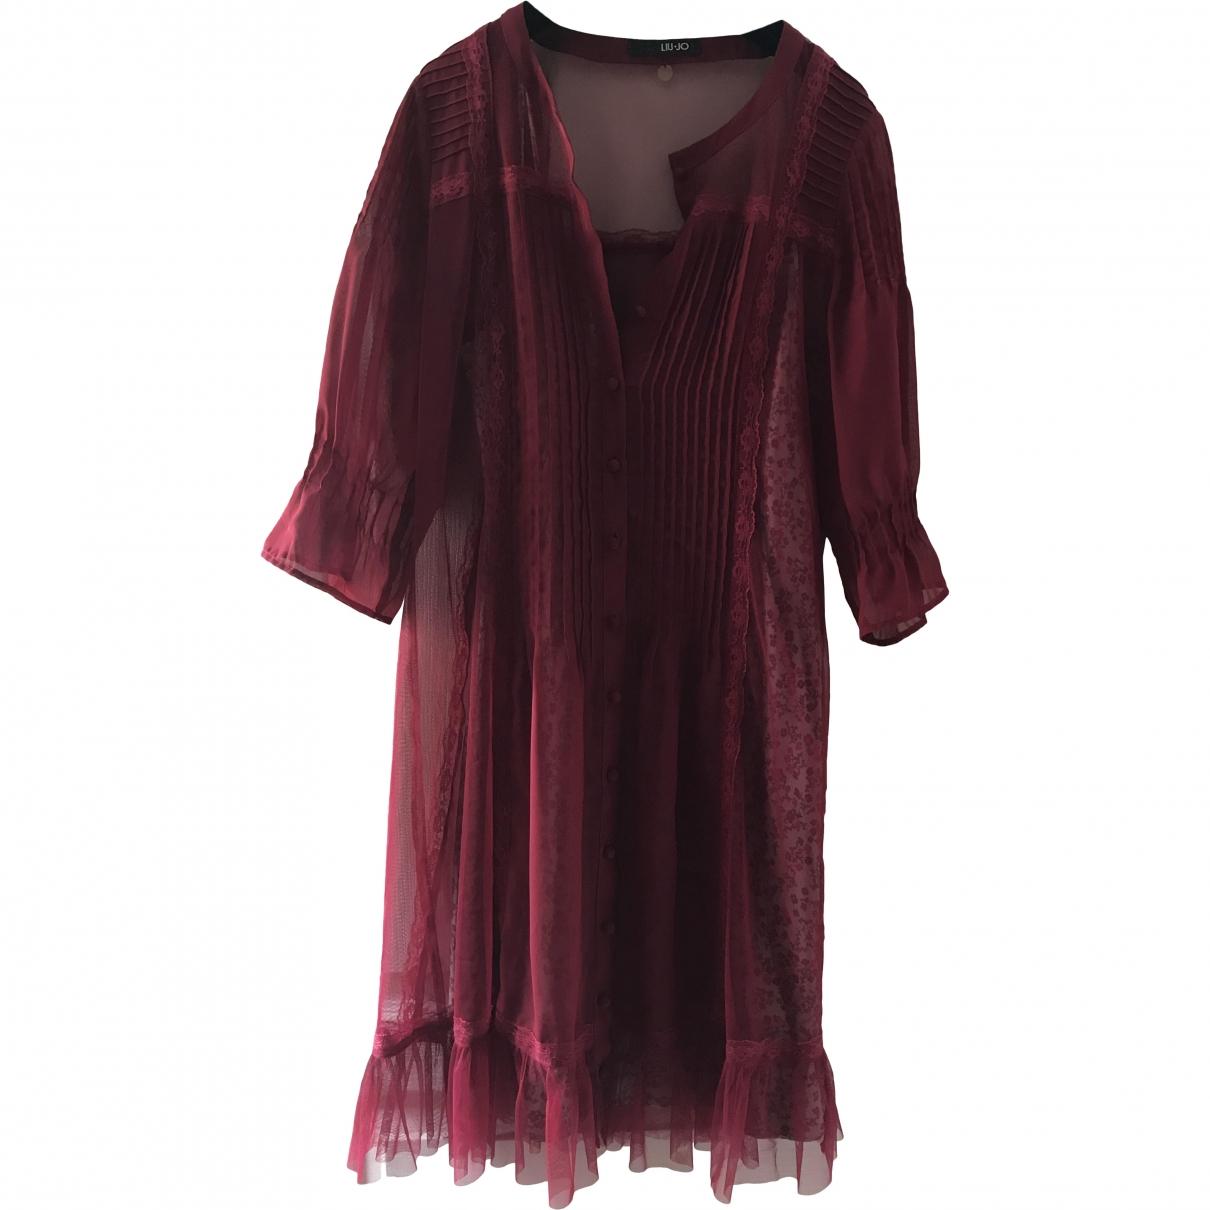 Liu.jo \N dress for Women 42 IT